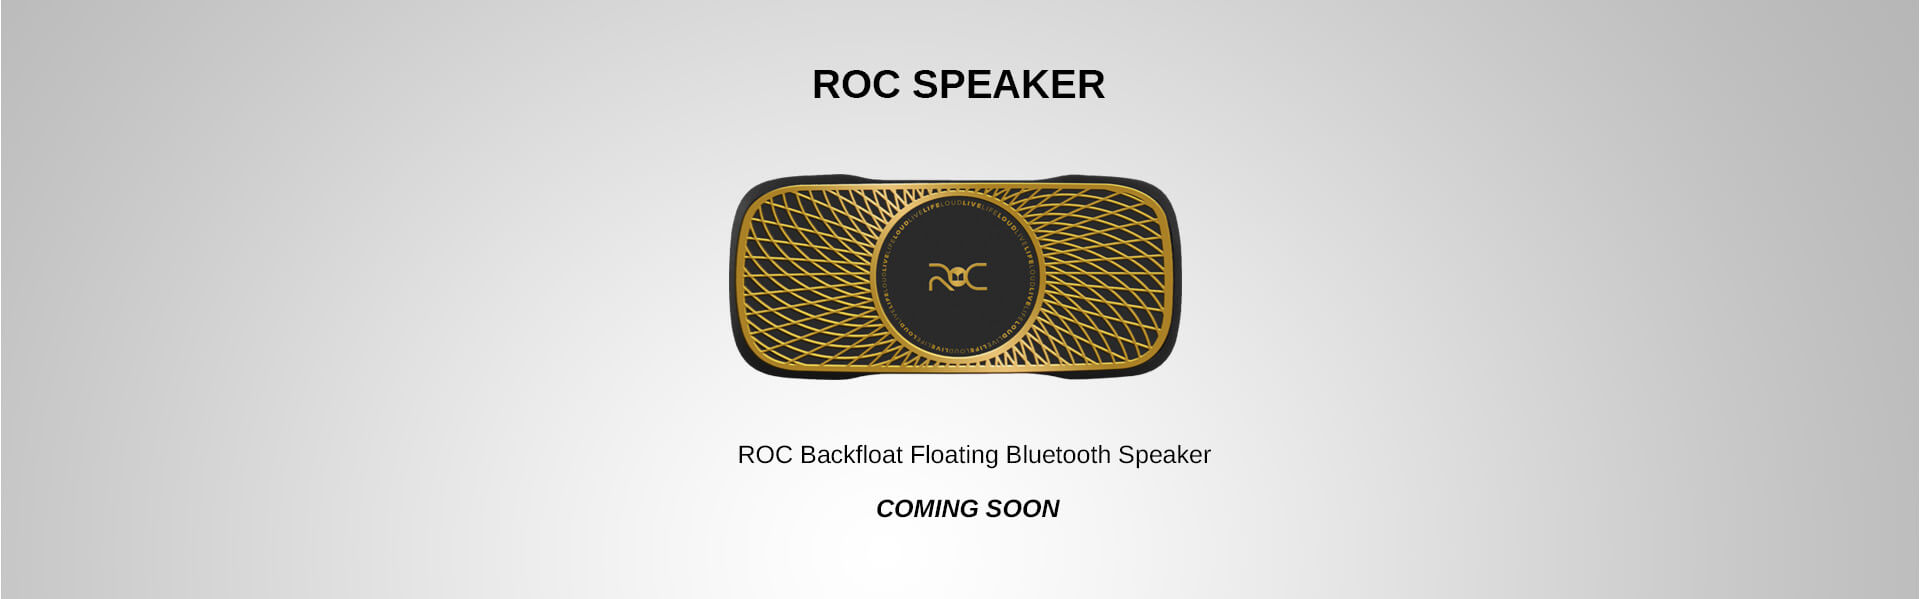 ROC blackfloat speaker Cristiano Ronaldo Monster